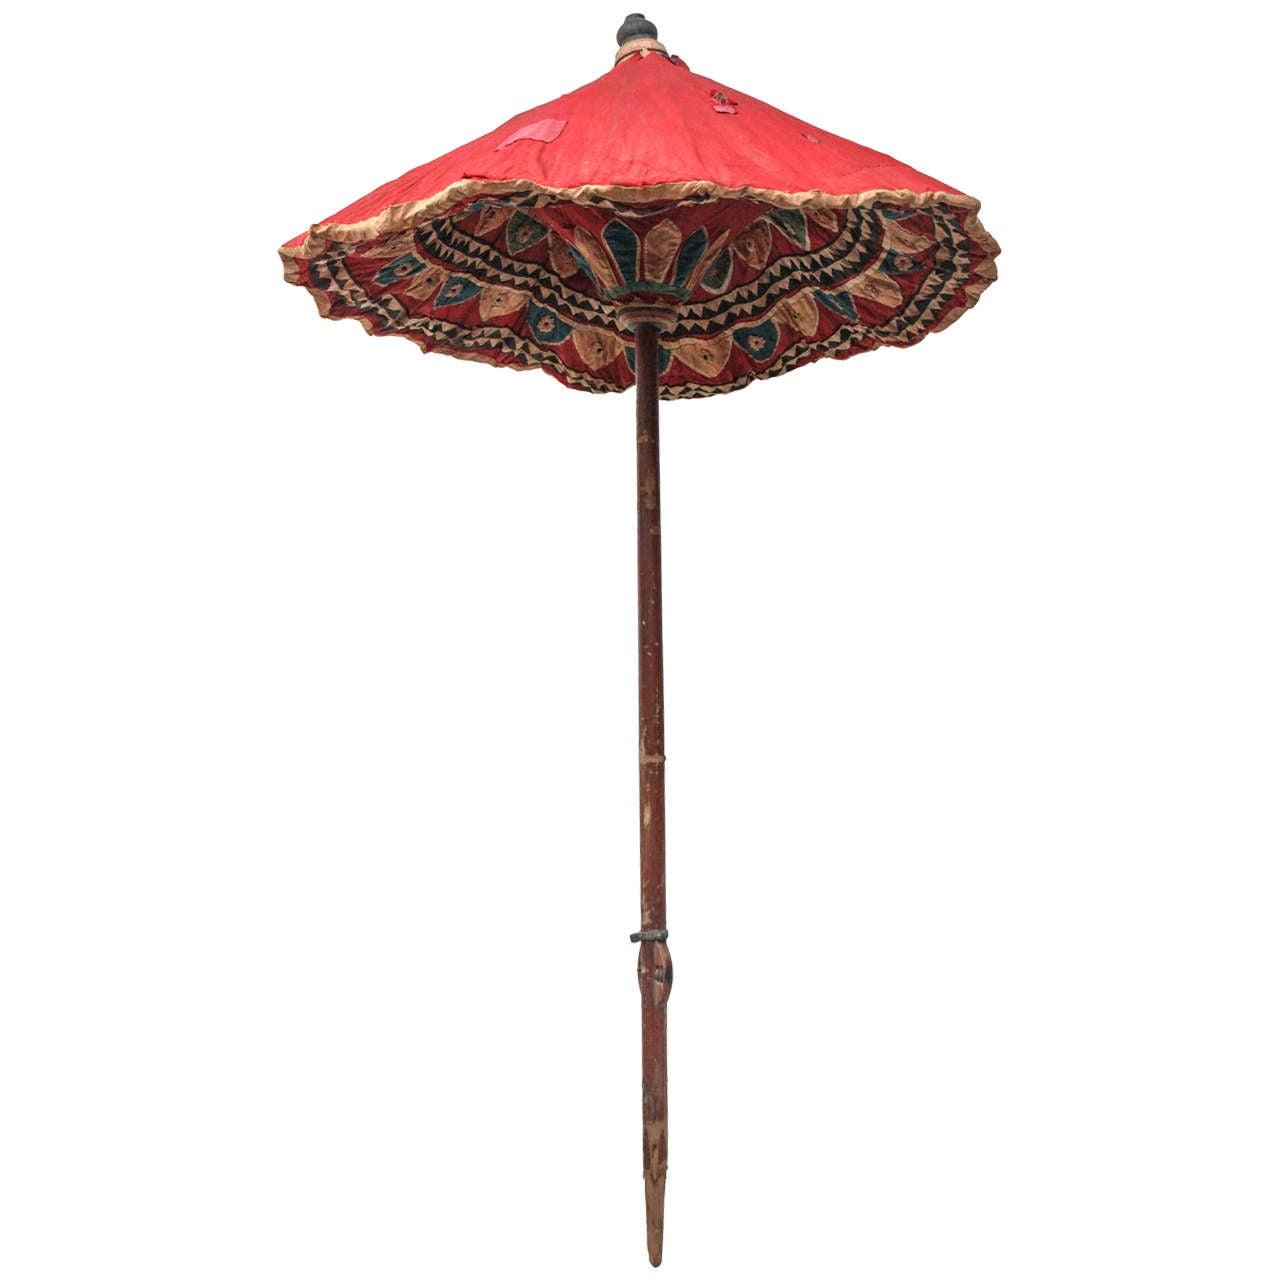 Moroccan Brightly Stitched Umbrella